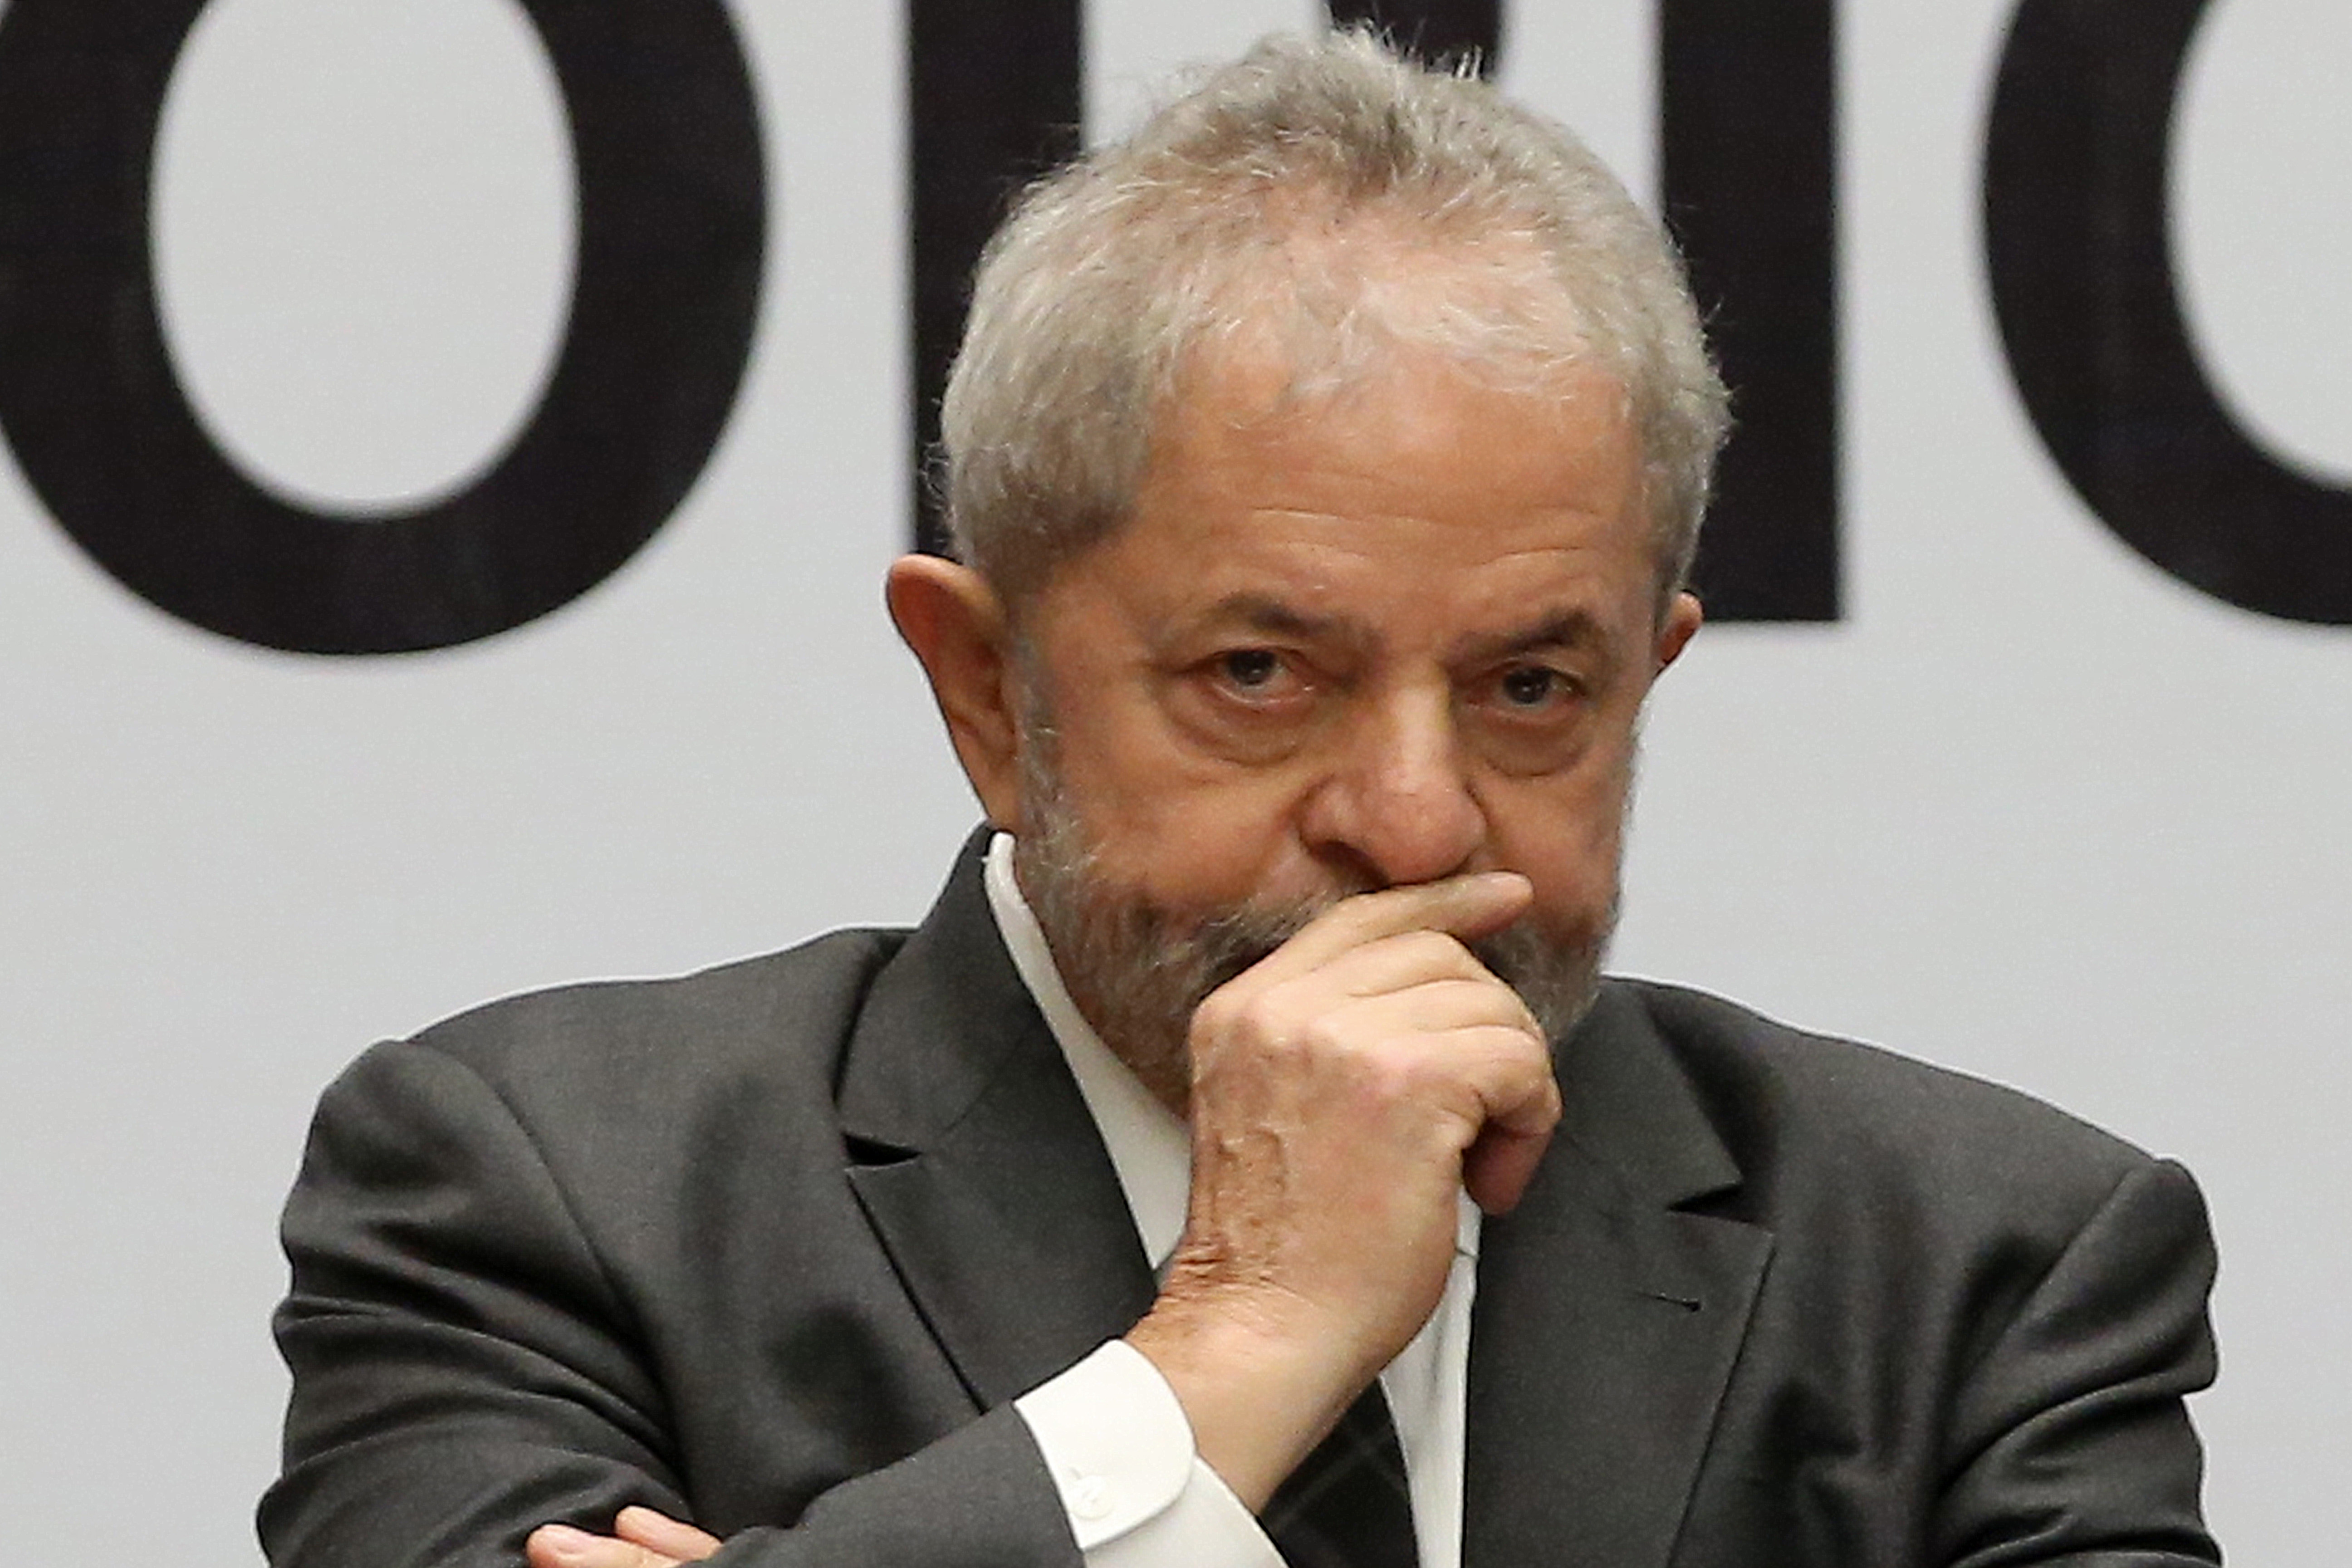 IMAGEM: Defesa de Lula pede para remarcar interrogatório na Zelotes